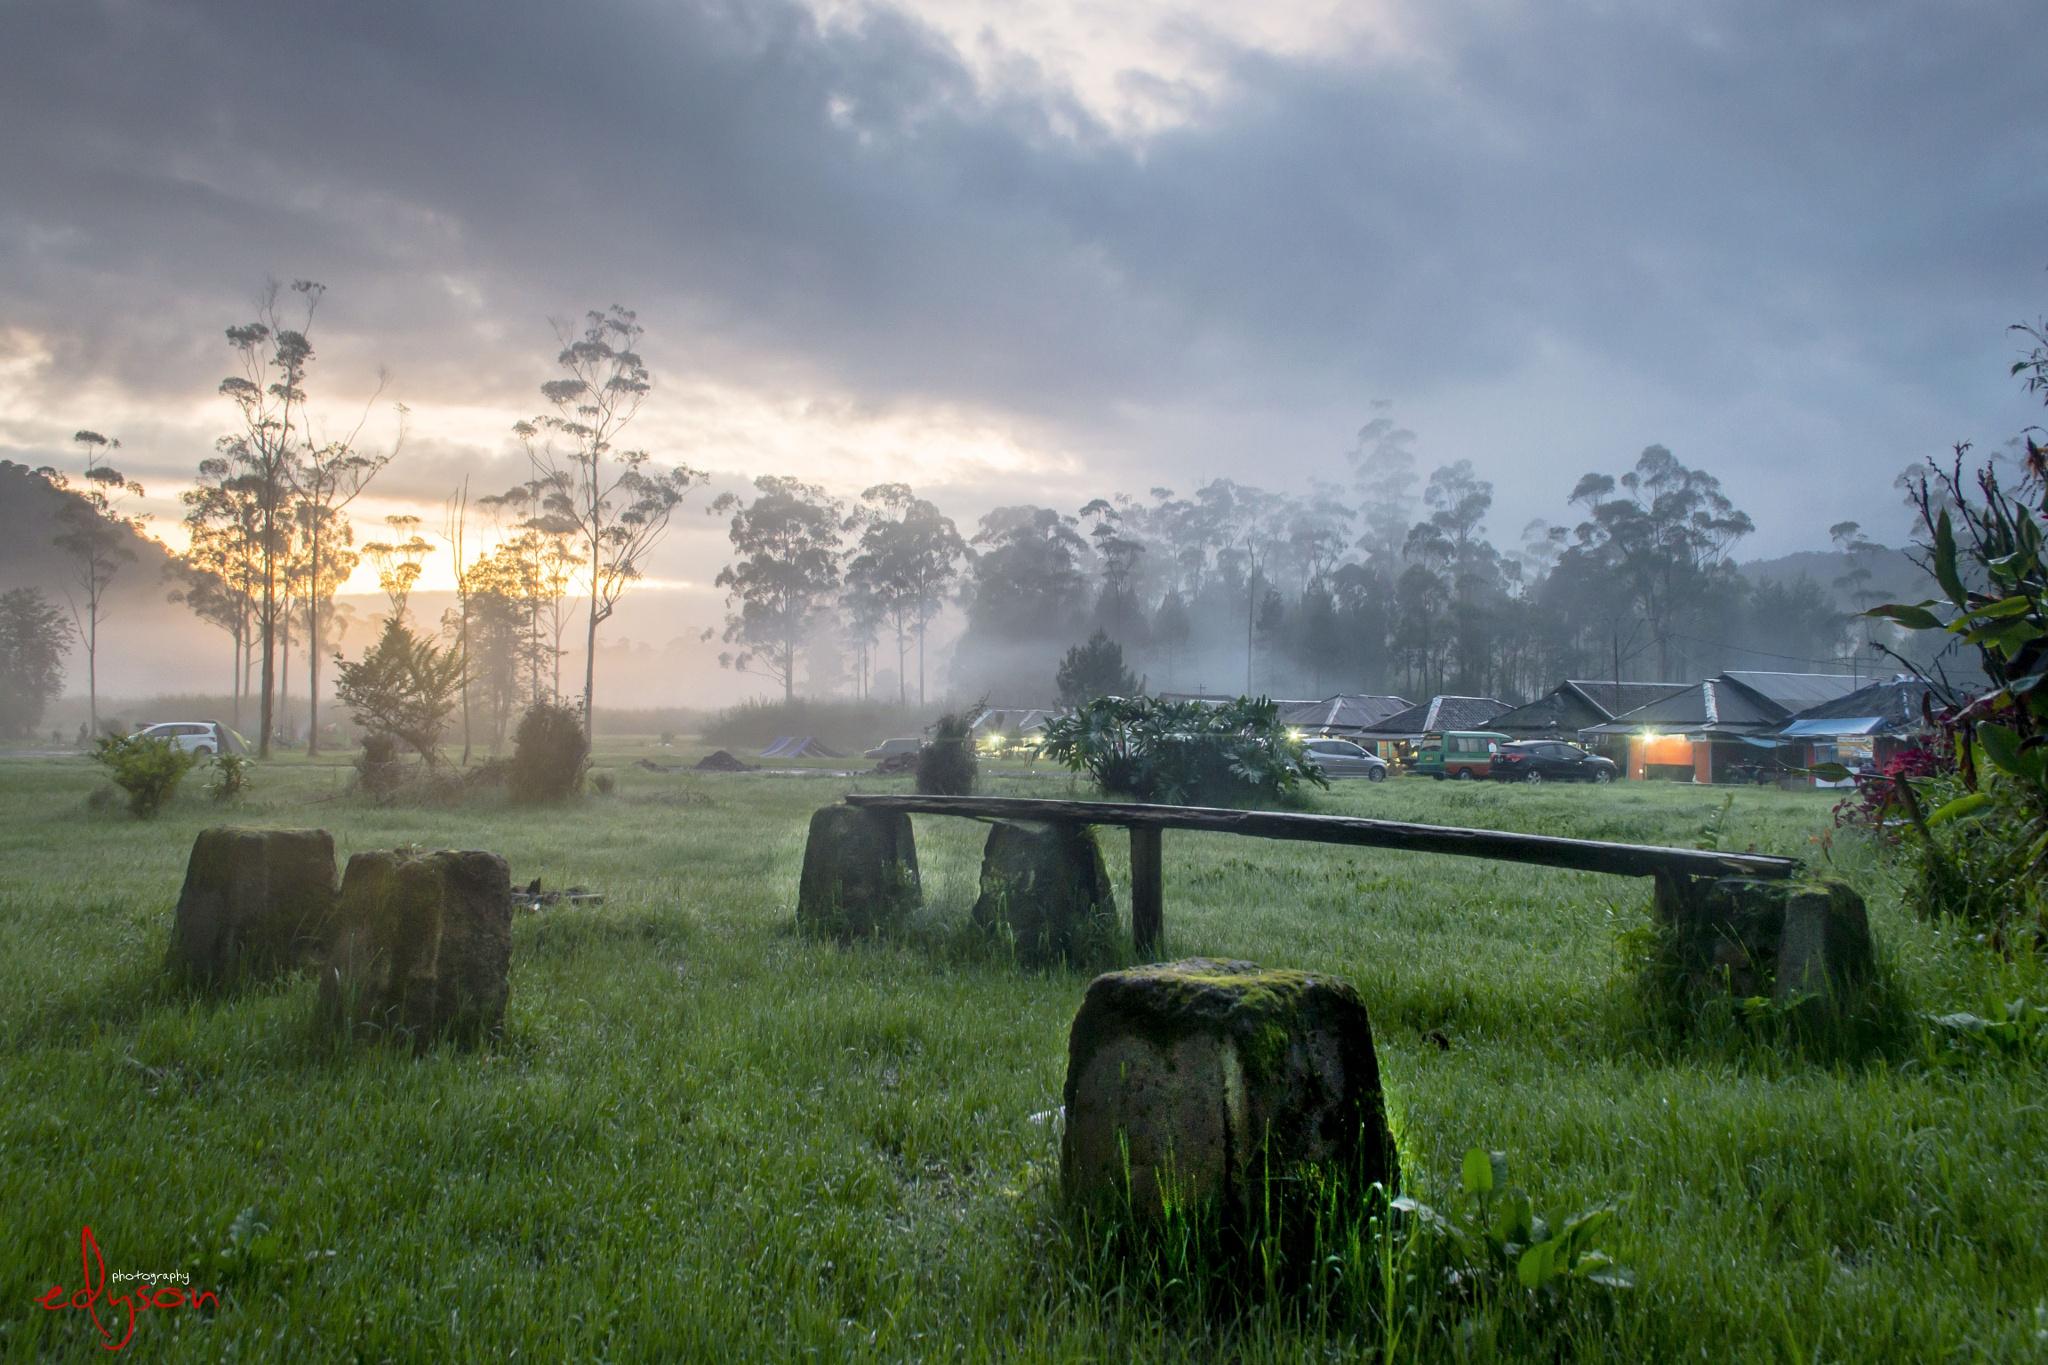 Photo in Landscape #landscape #indonesia #wonderfulindonesia #wondernesia #travell #java #jawabarat #bandung #nikon #nikond3100 #d3100 #landcapephotography #amazingindonesia